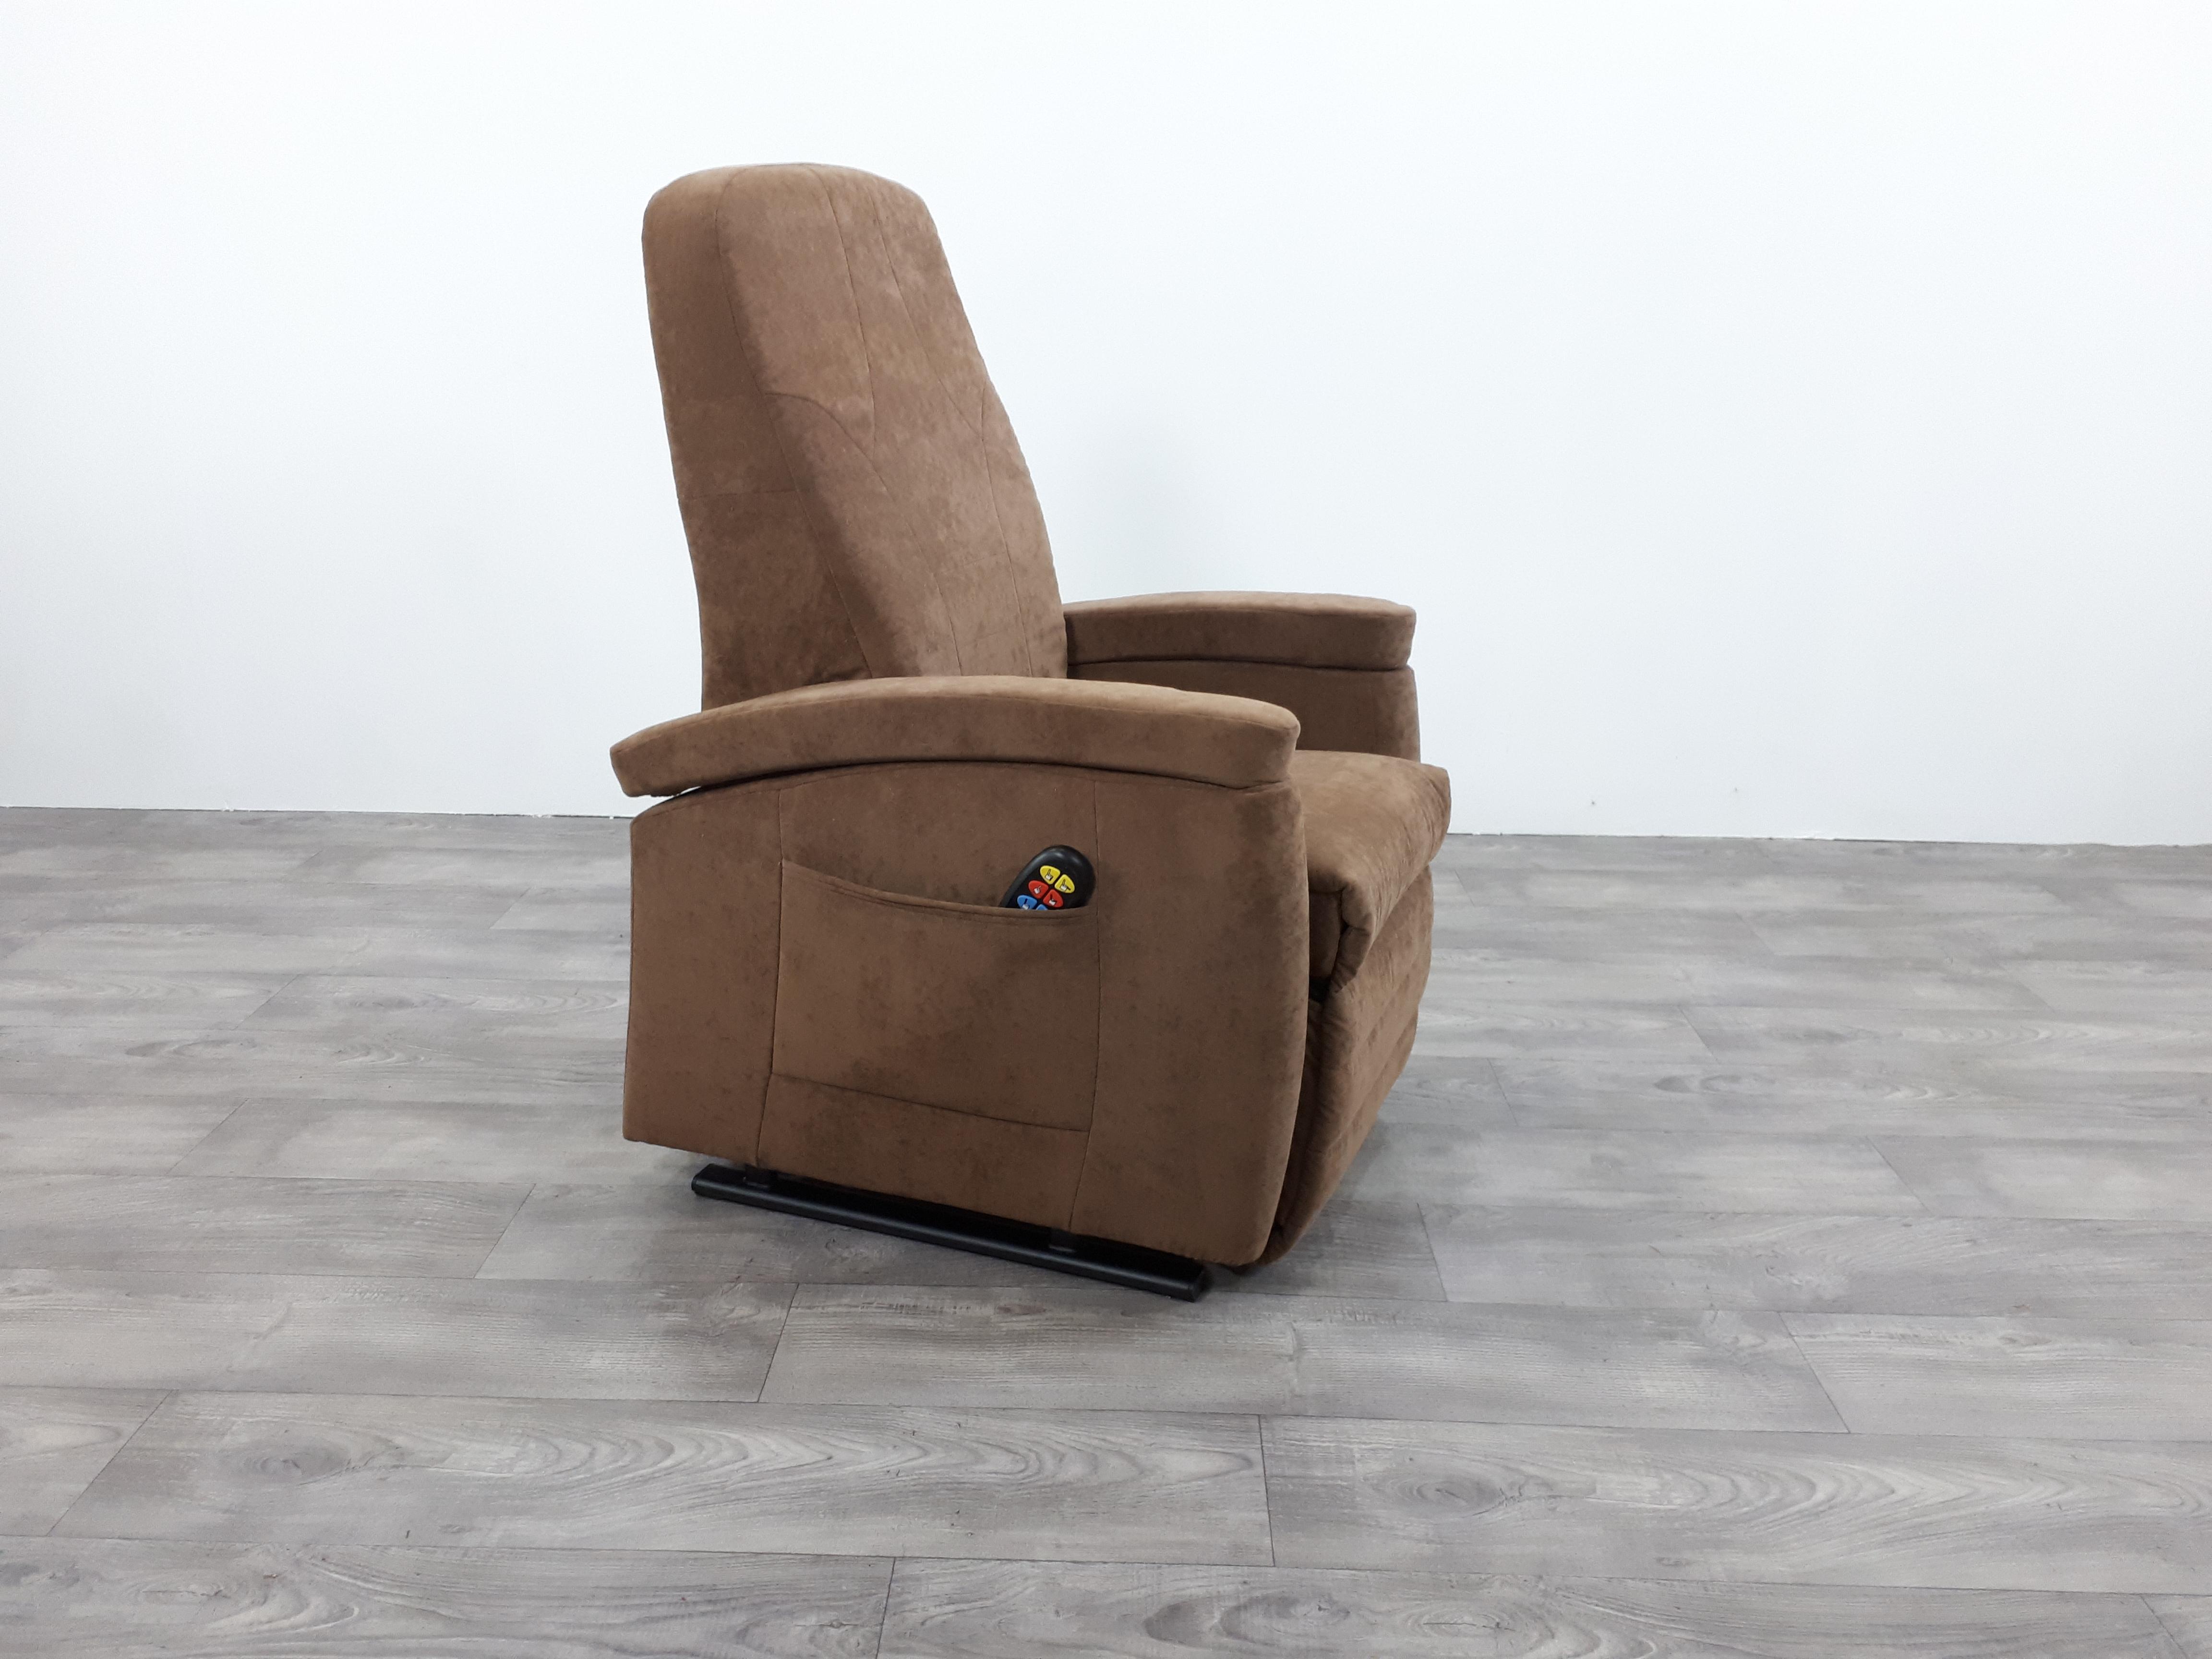 Sta Zit Stoel : Sta op stoel vario bruin zeker zit sta op stoelen huur